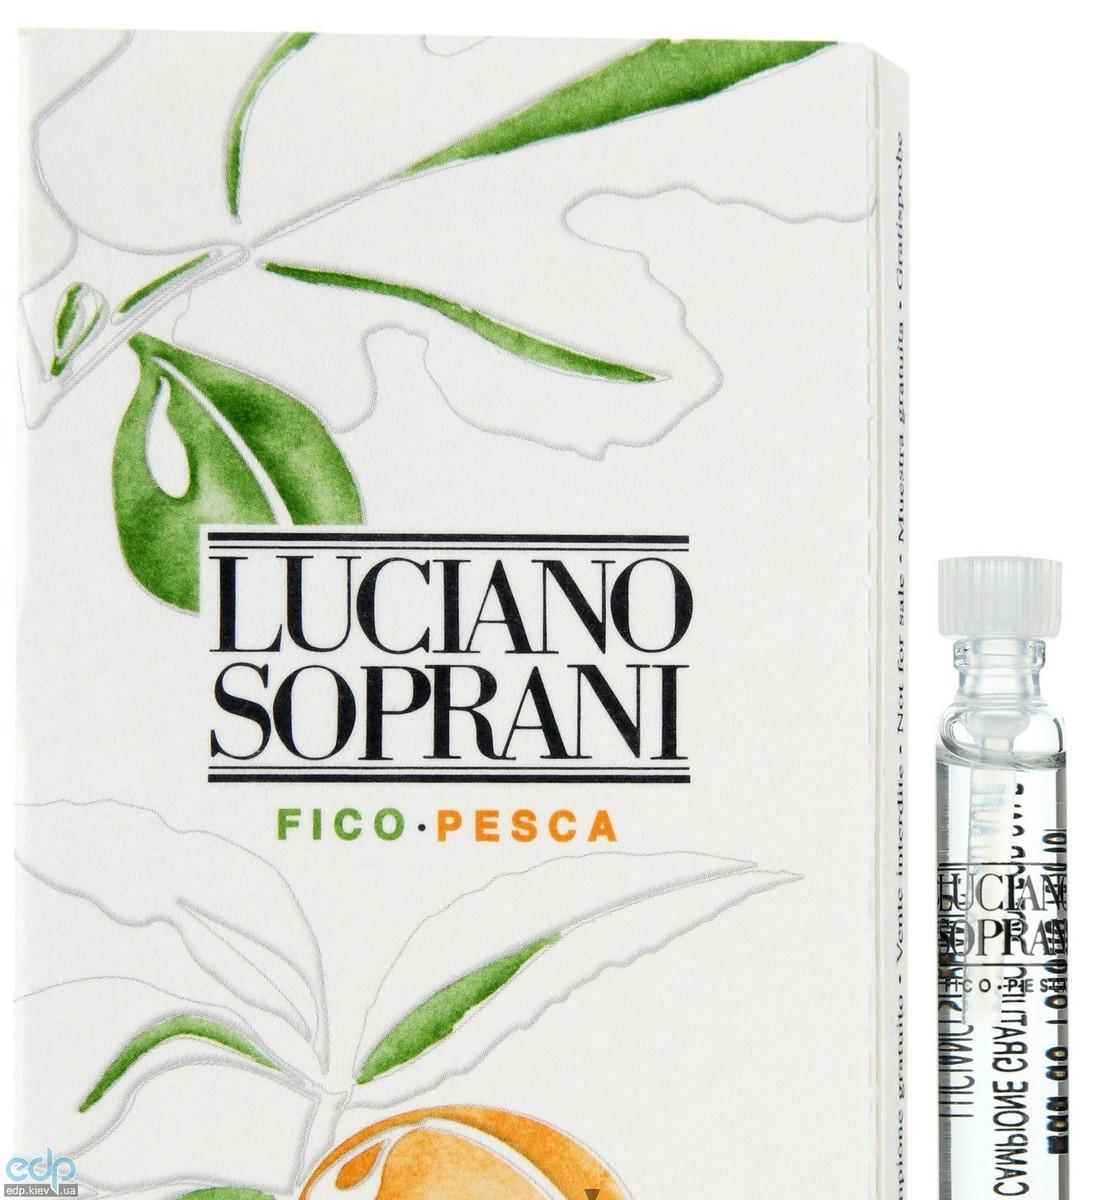 Luciano Soprani Fico Pesca